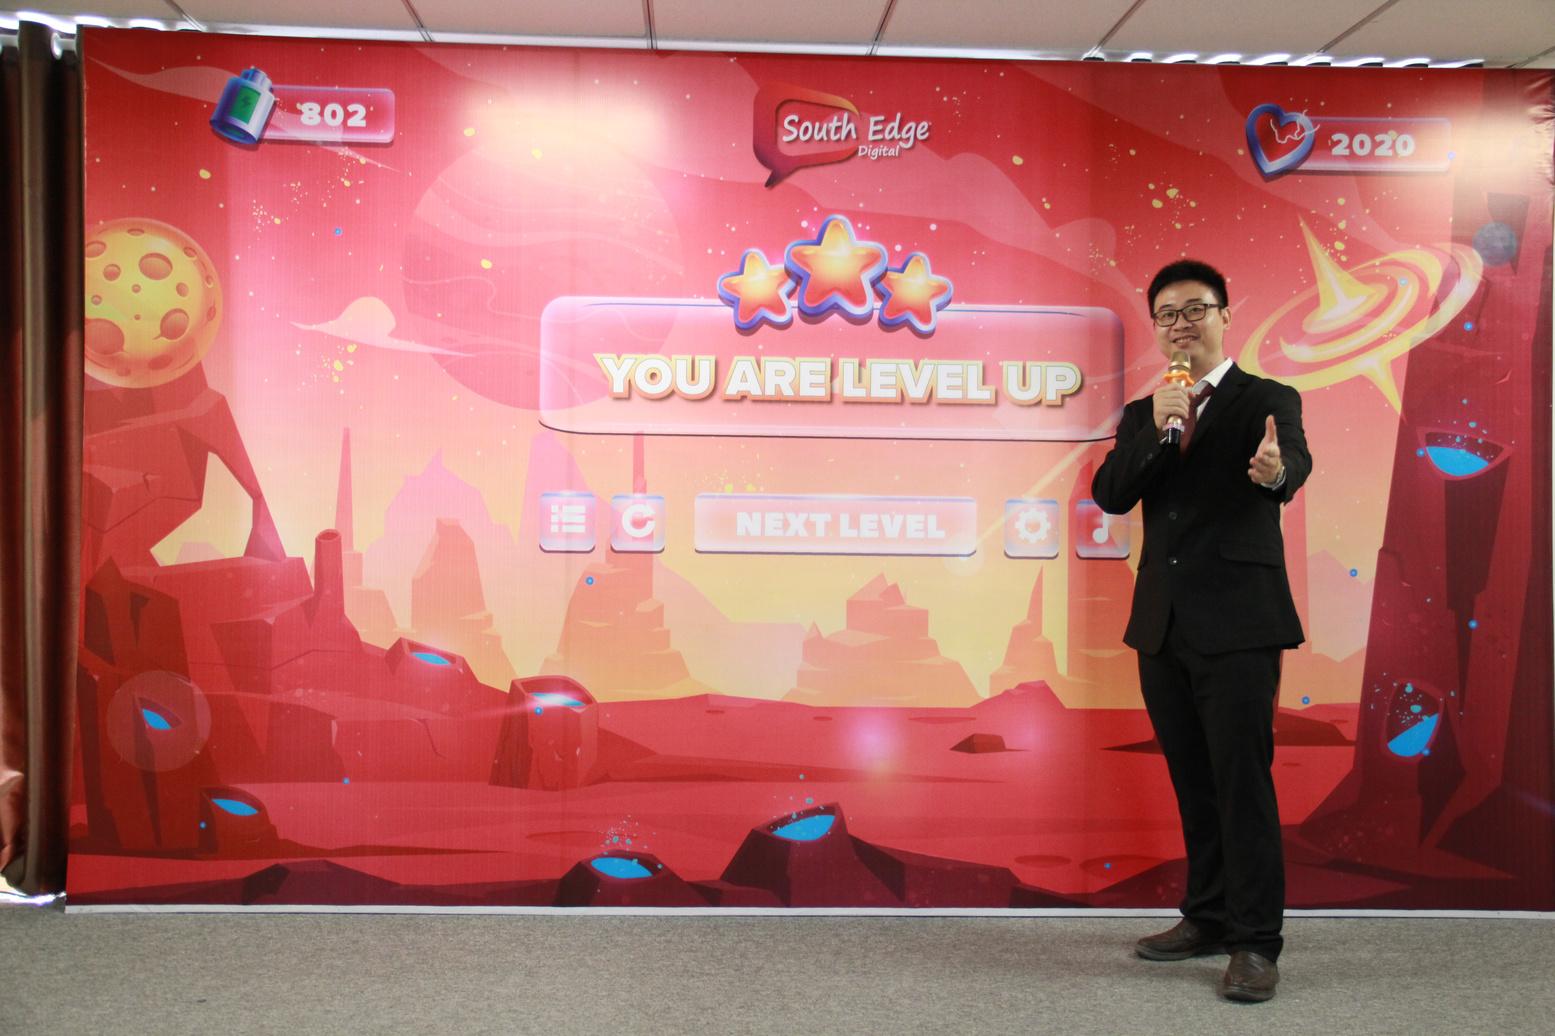 Anh Laevis Nguyễn – Giám đốc của Daisy Webs - một trong những thương hiệu hàng đầu của công ty South Edge, kiêm Chủ tịch Vietnam SEO Association (VSAS)